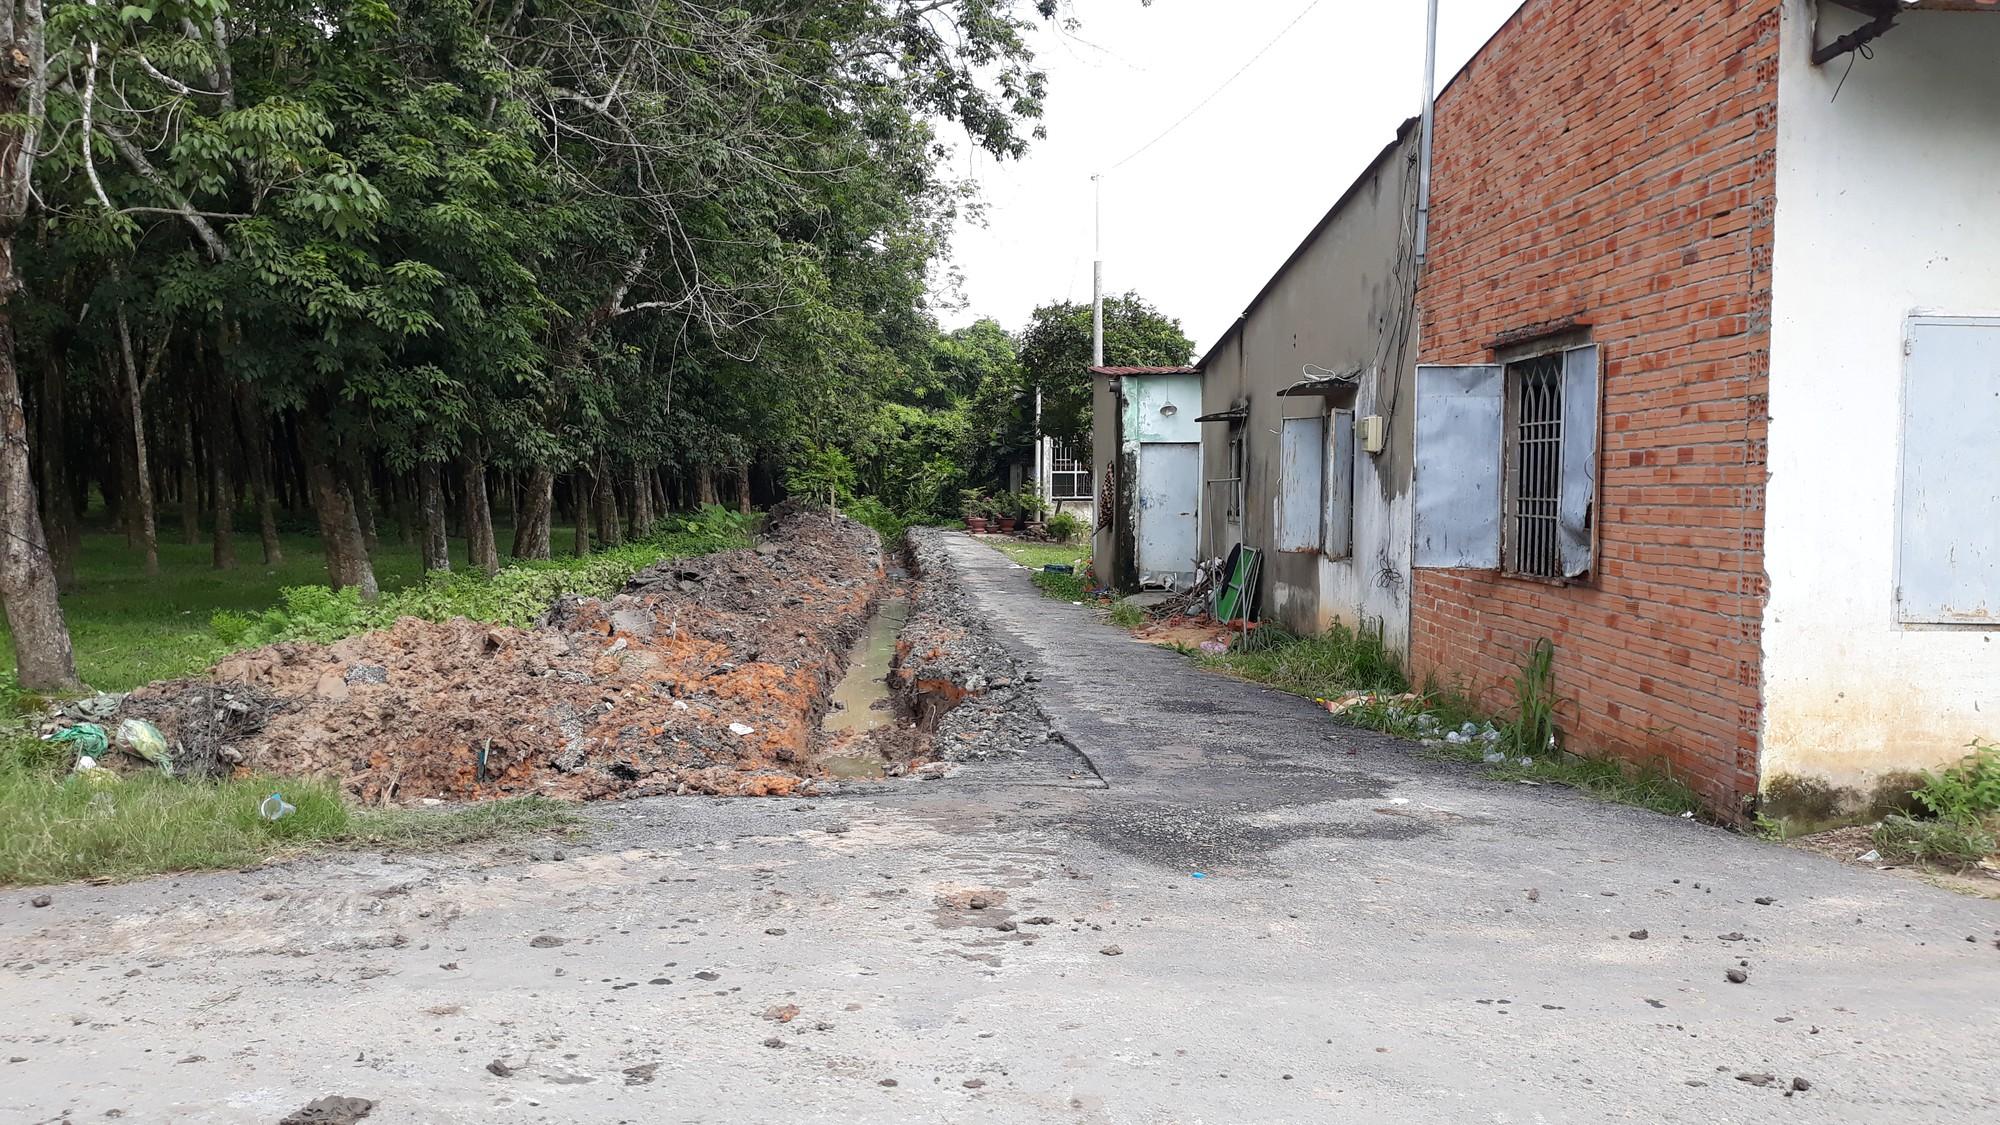 Vụ bỏ 200 triệu làm đường dân sinh: Đường nhựa đã bị phá nham nhở  - Ảnh 8.